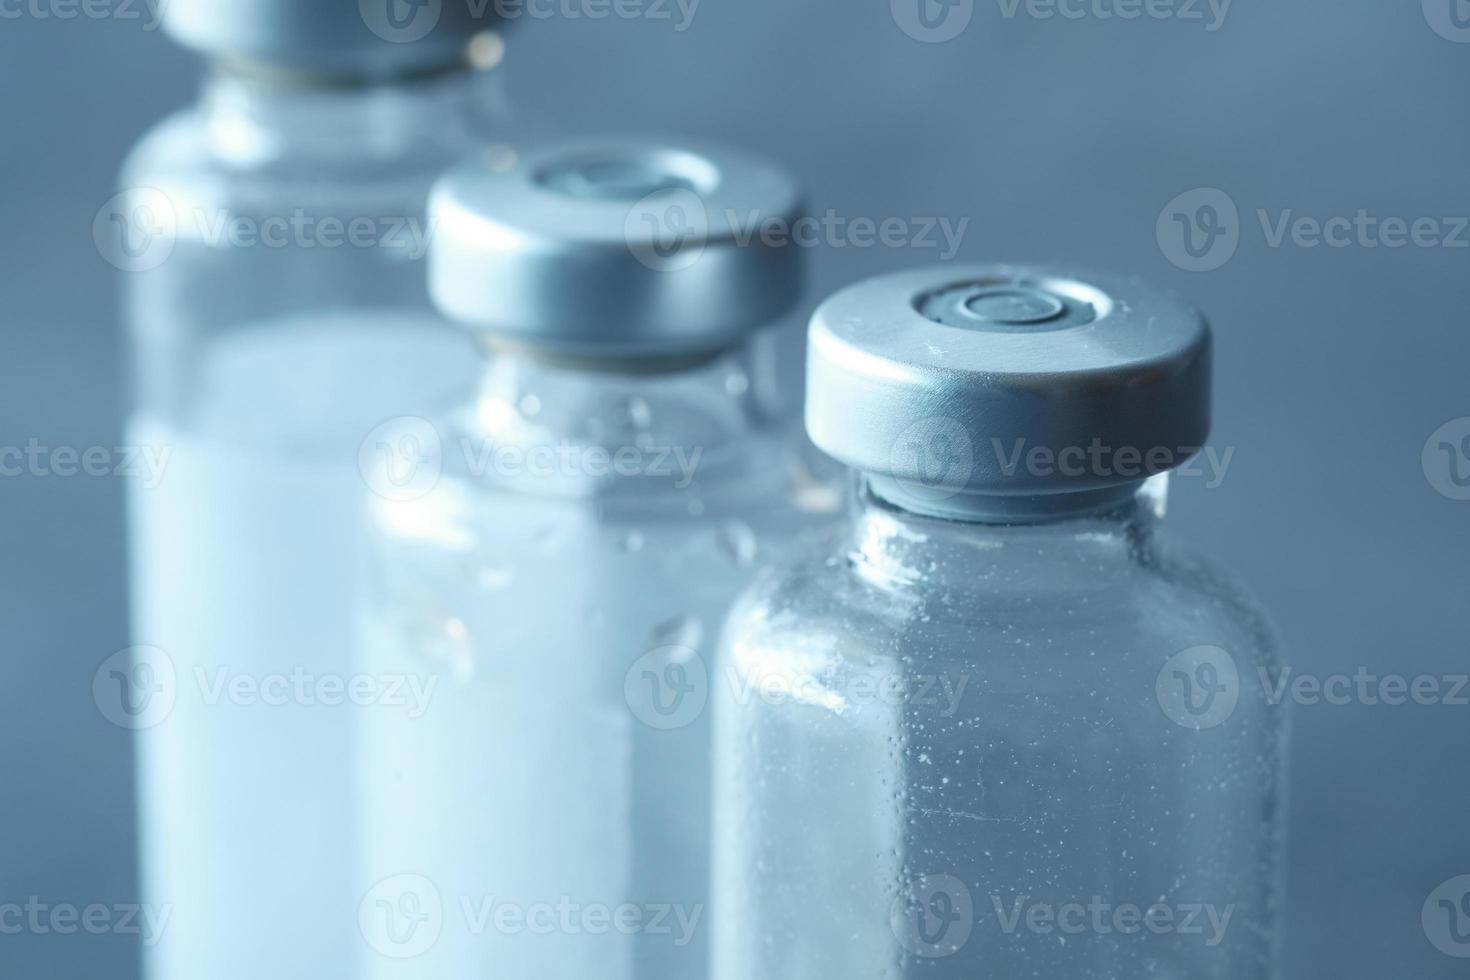 pequenos frascos de vacina foto